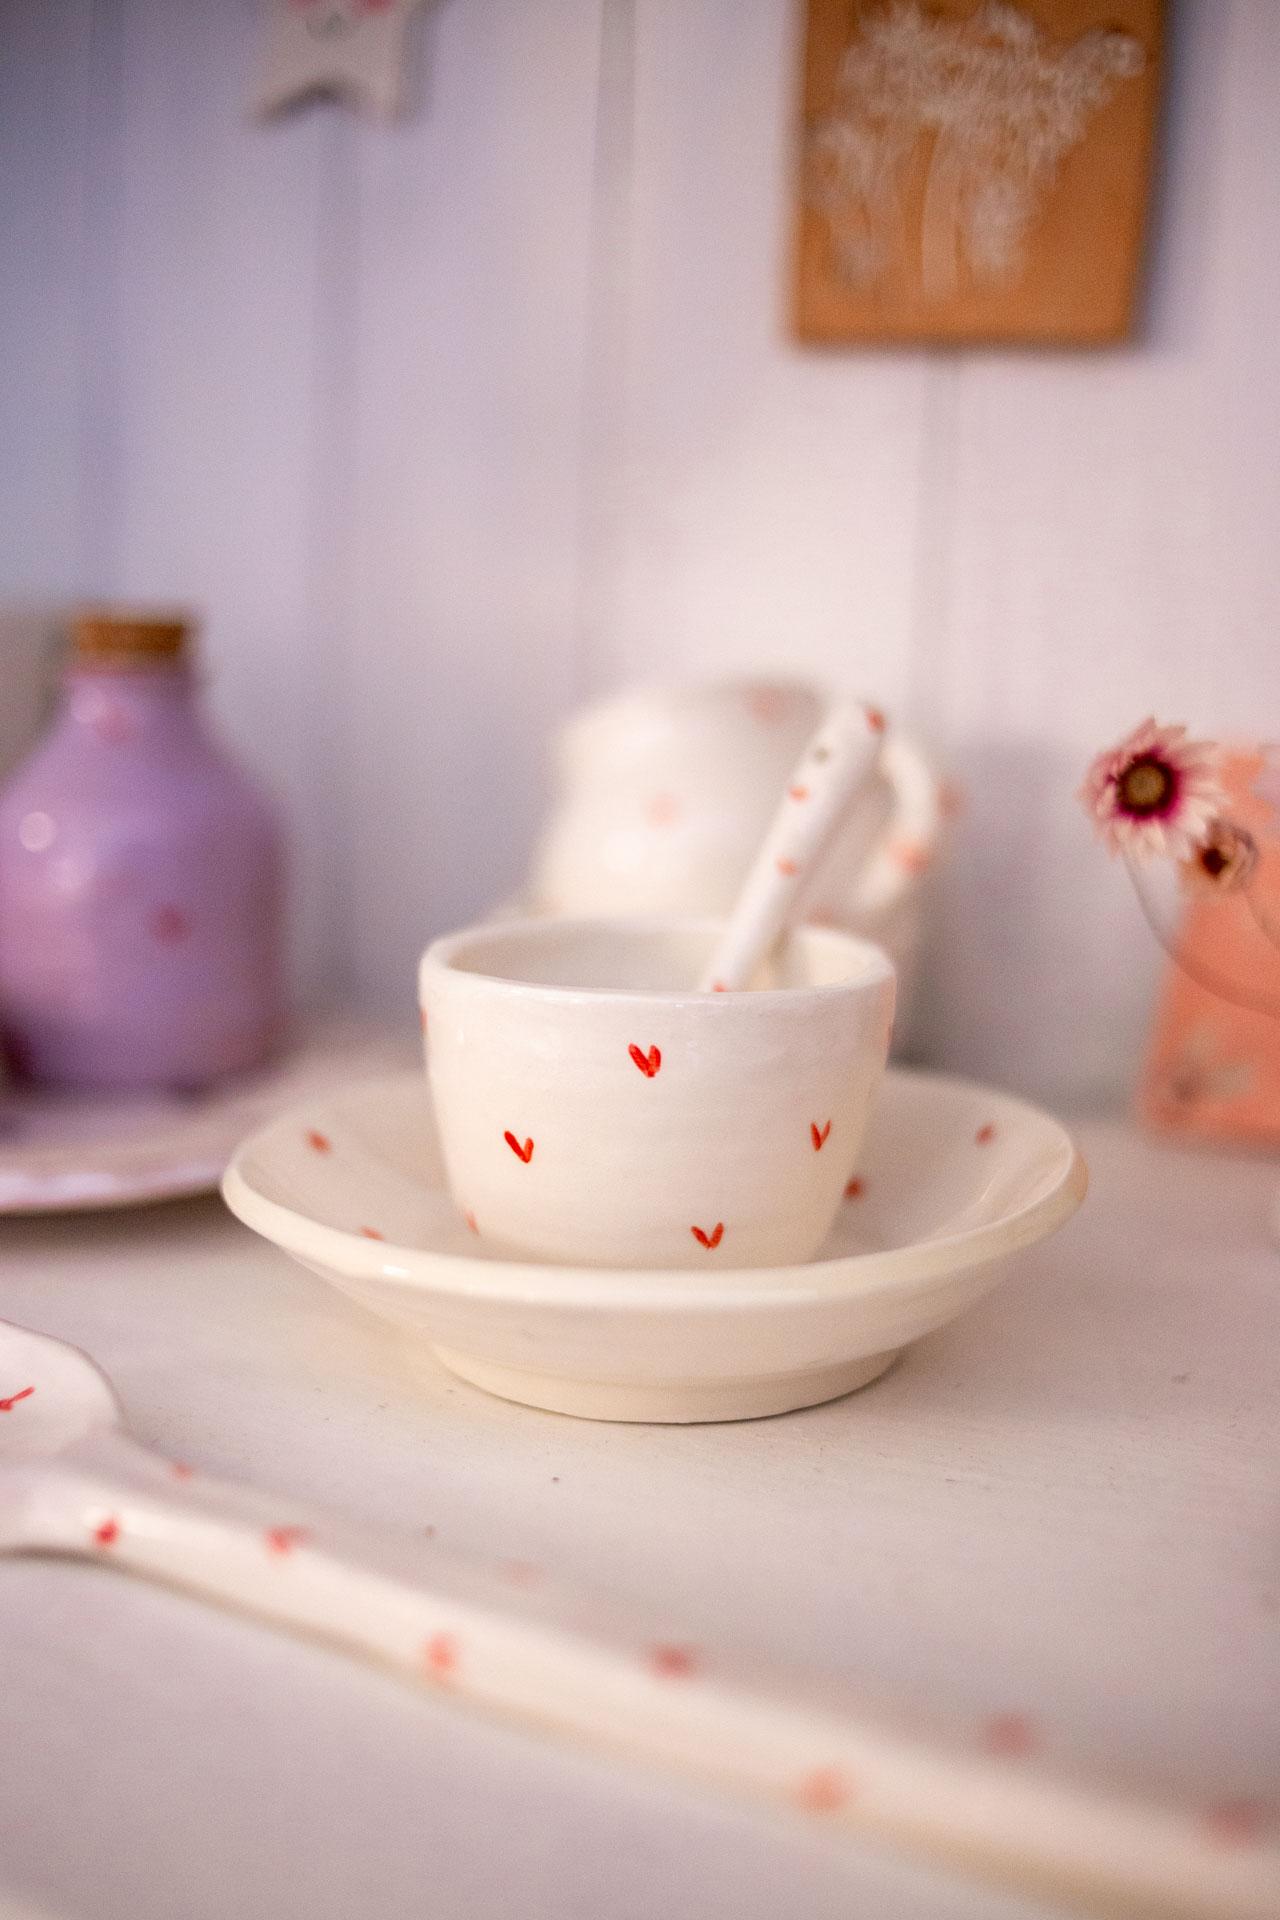 ceramiche realizzate a mano in toscana